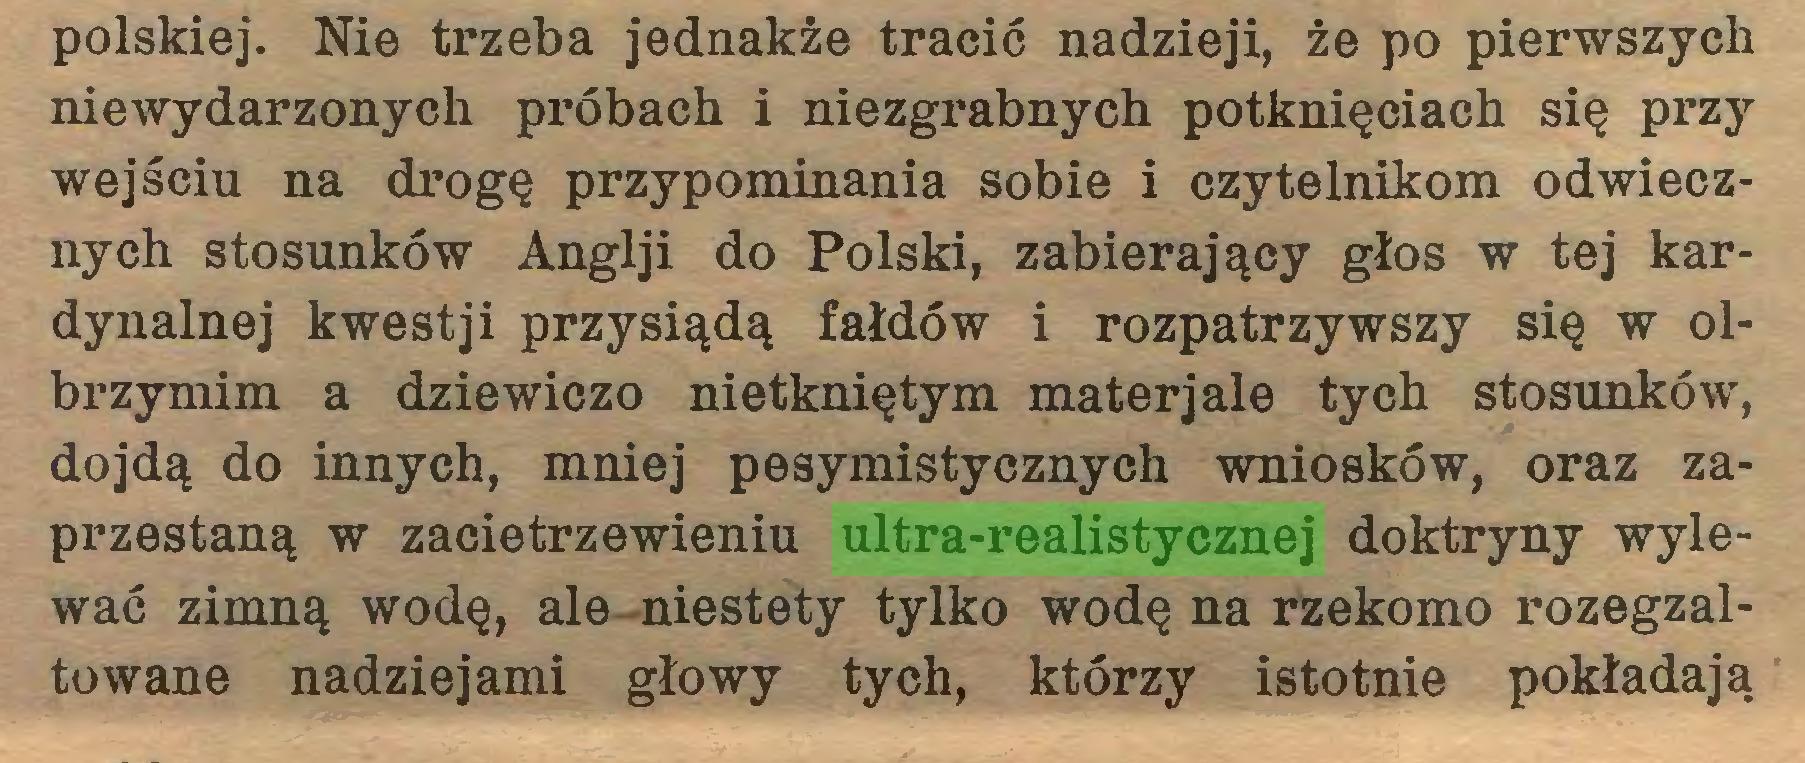 (...) polskiej. Nie trzeba jednakże tracić nadzieji, że po pierwszych niewydarzonych próbach i niezgrabnych potknięciach się przy wejściu na drogę przypominania sobie i czytelnikom odwiecznych stosunków Anglji do Polski, zabierający głos w tej kardynalnej kwestji przysiądą fałdów i rozpatrzywszy się w olbrzymim a dziewiczo nietkniętym materjale tych stosunków, dojdą do innych, mniej pesymistycznych wniosków, oraz zaprzestaną w zacietrzewieniu ultra-realistycznej doktryny wylewać zimną wodę, ale niestety tylko wodę na rzekomo rozegzaltowane nadziejami głowy tych, którzy istotnie pokładają...